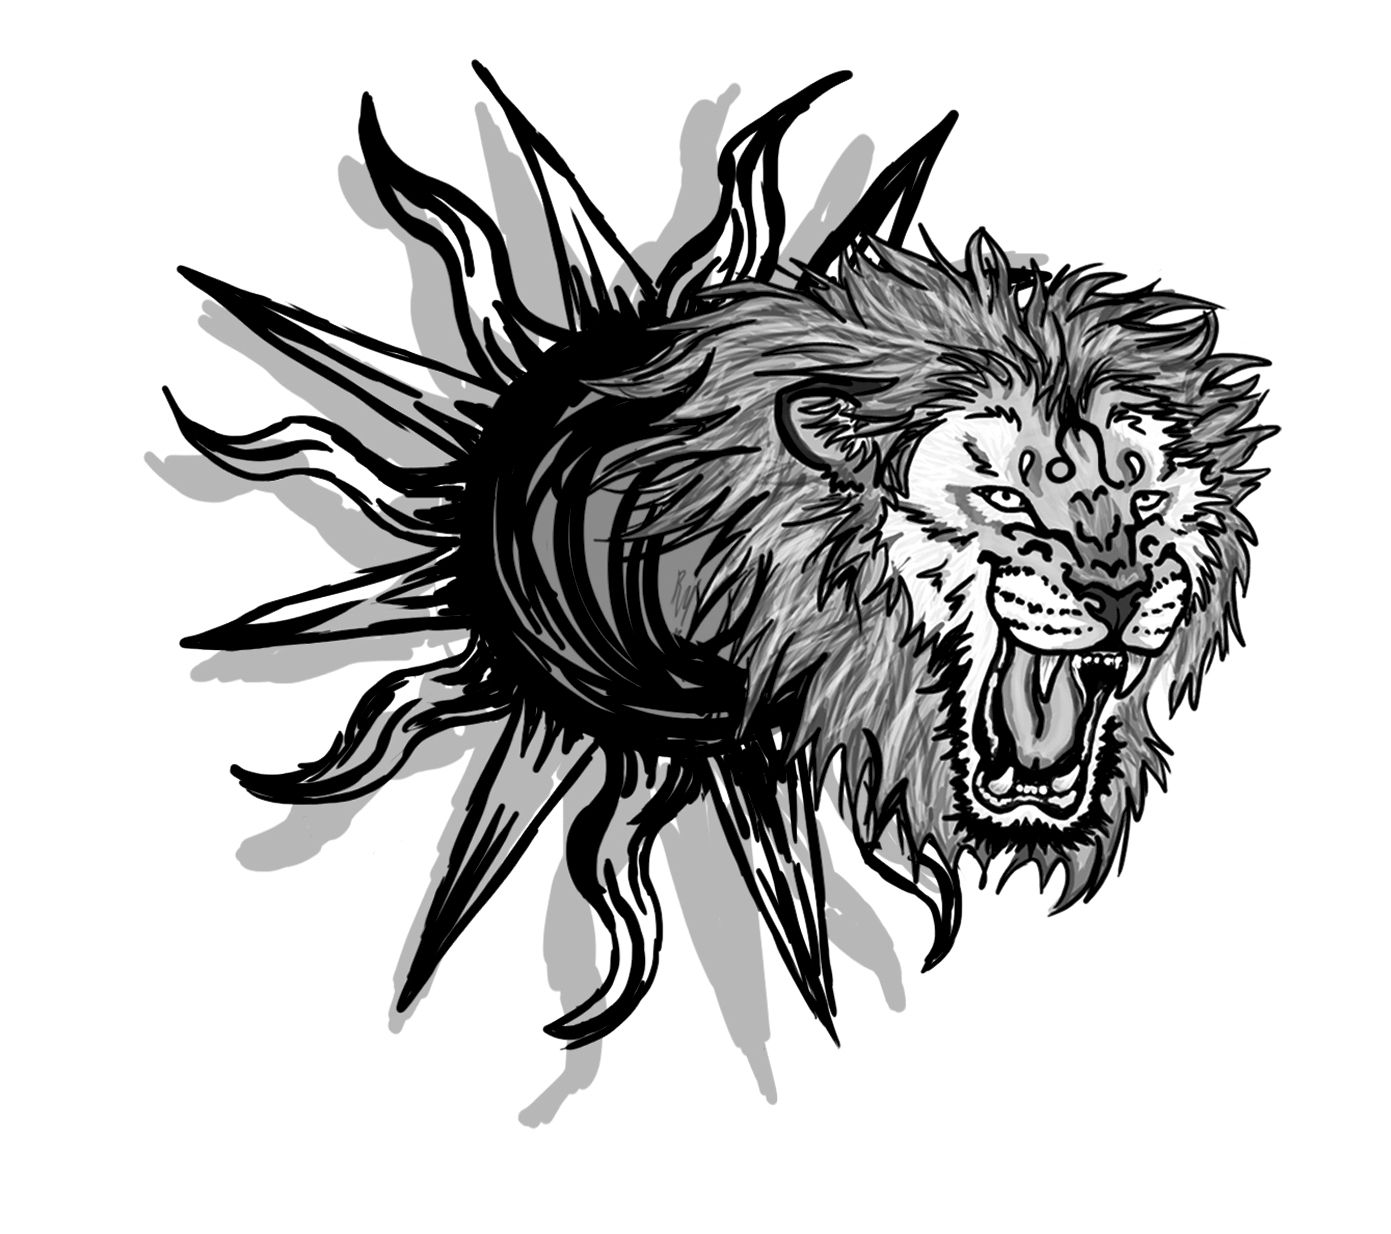 Sunrise tribal tattoo designs tribal sun - Tribal Leo Head Tattoo Design For Men Black Ink Tribal Leo Head Tattoo